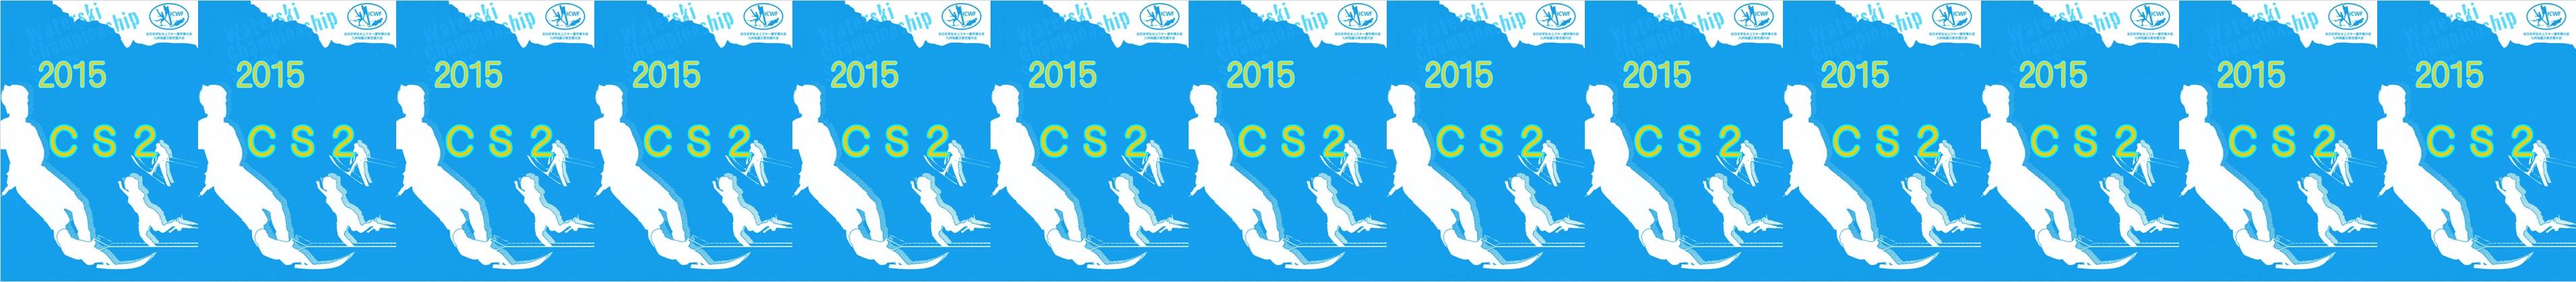 2015CS2 M's Title